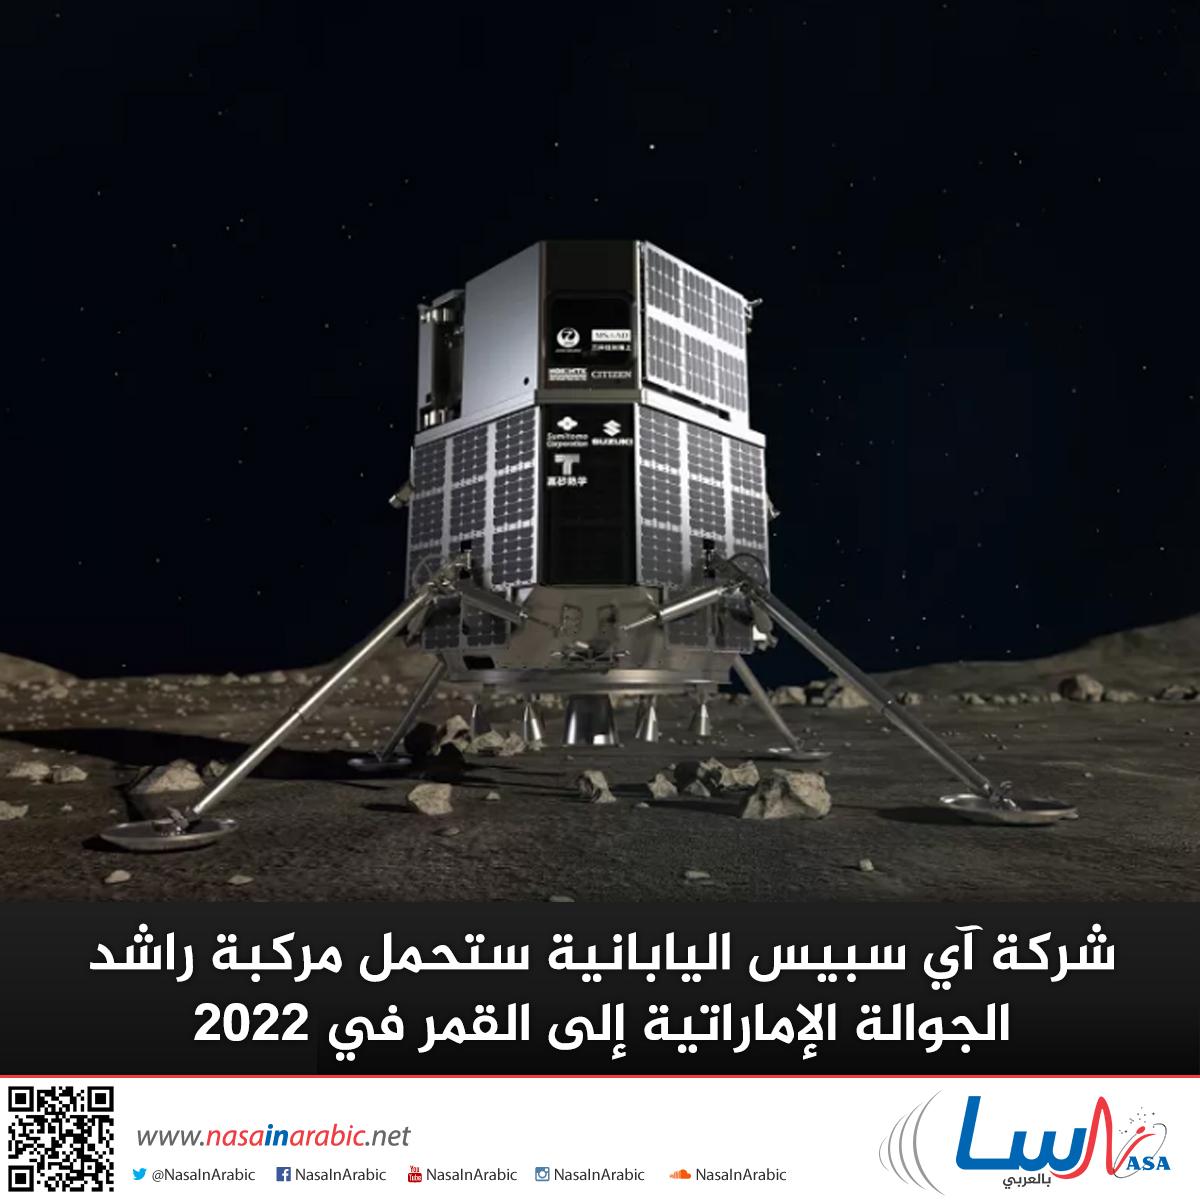 شركة آي سبيس اليابانية ستحمل مركبة راشد الجوالة الإماراتية إلى القمر في 2022